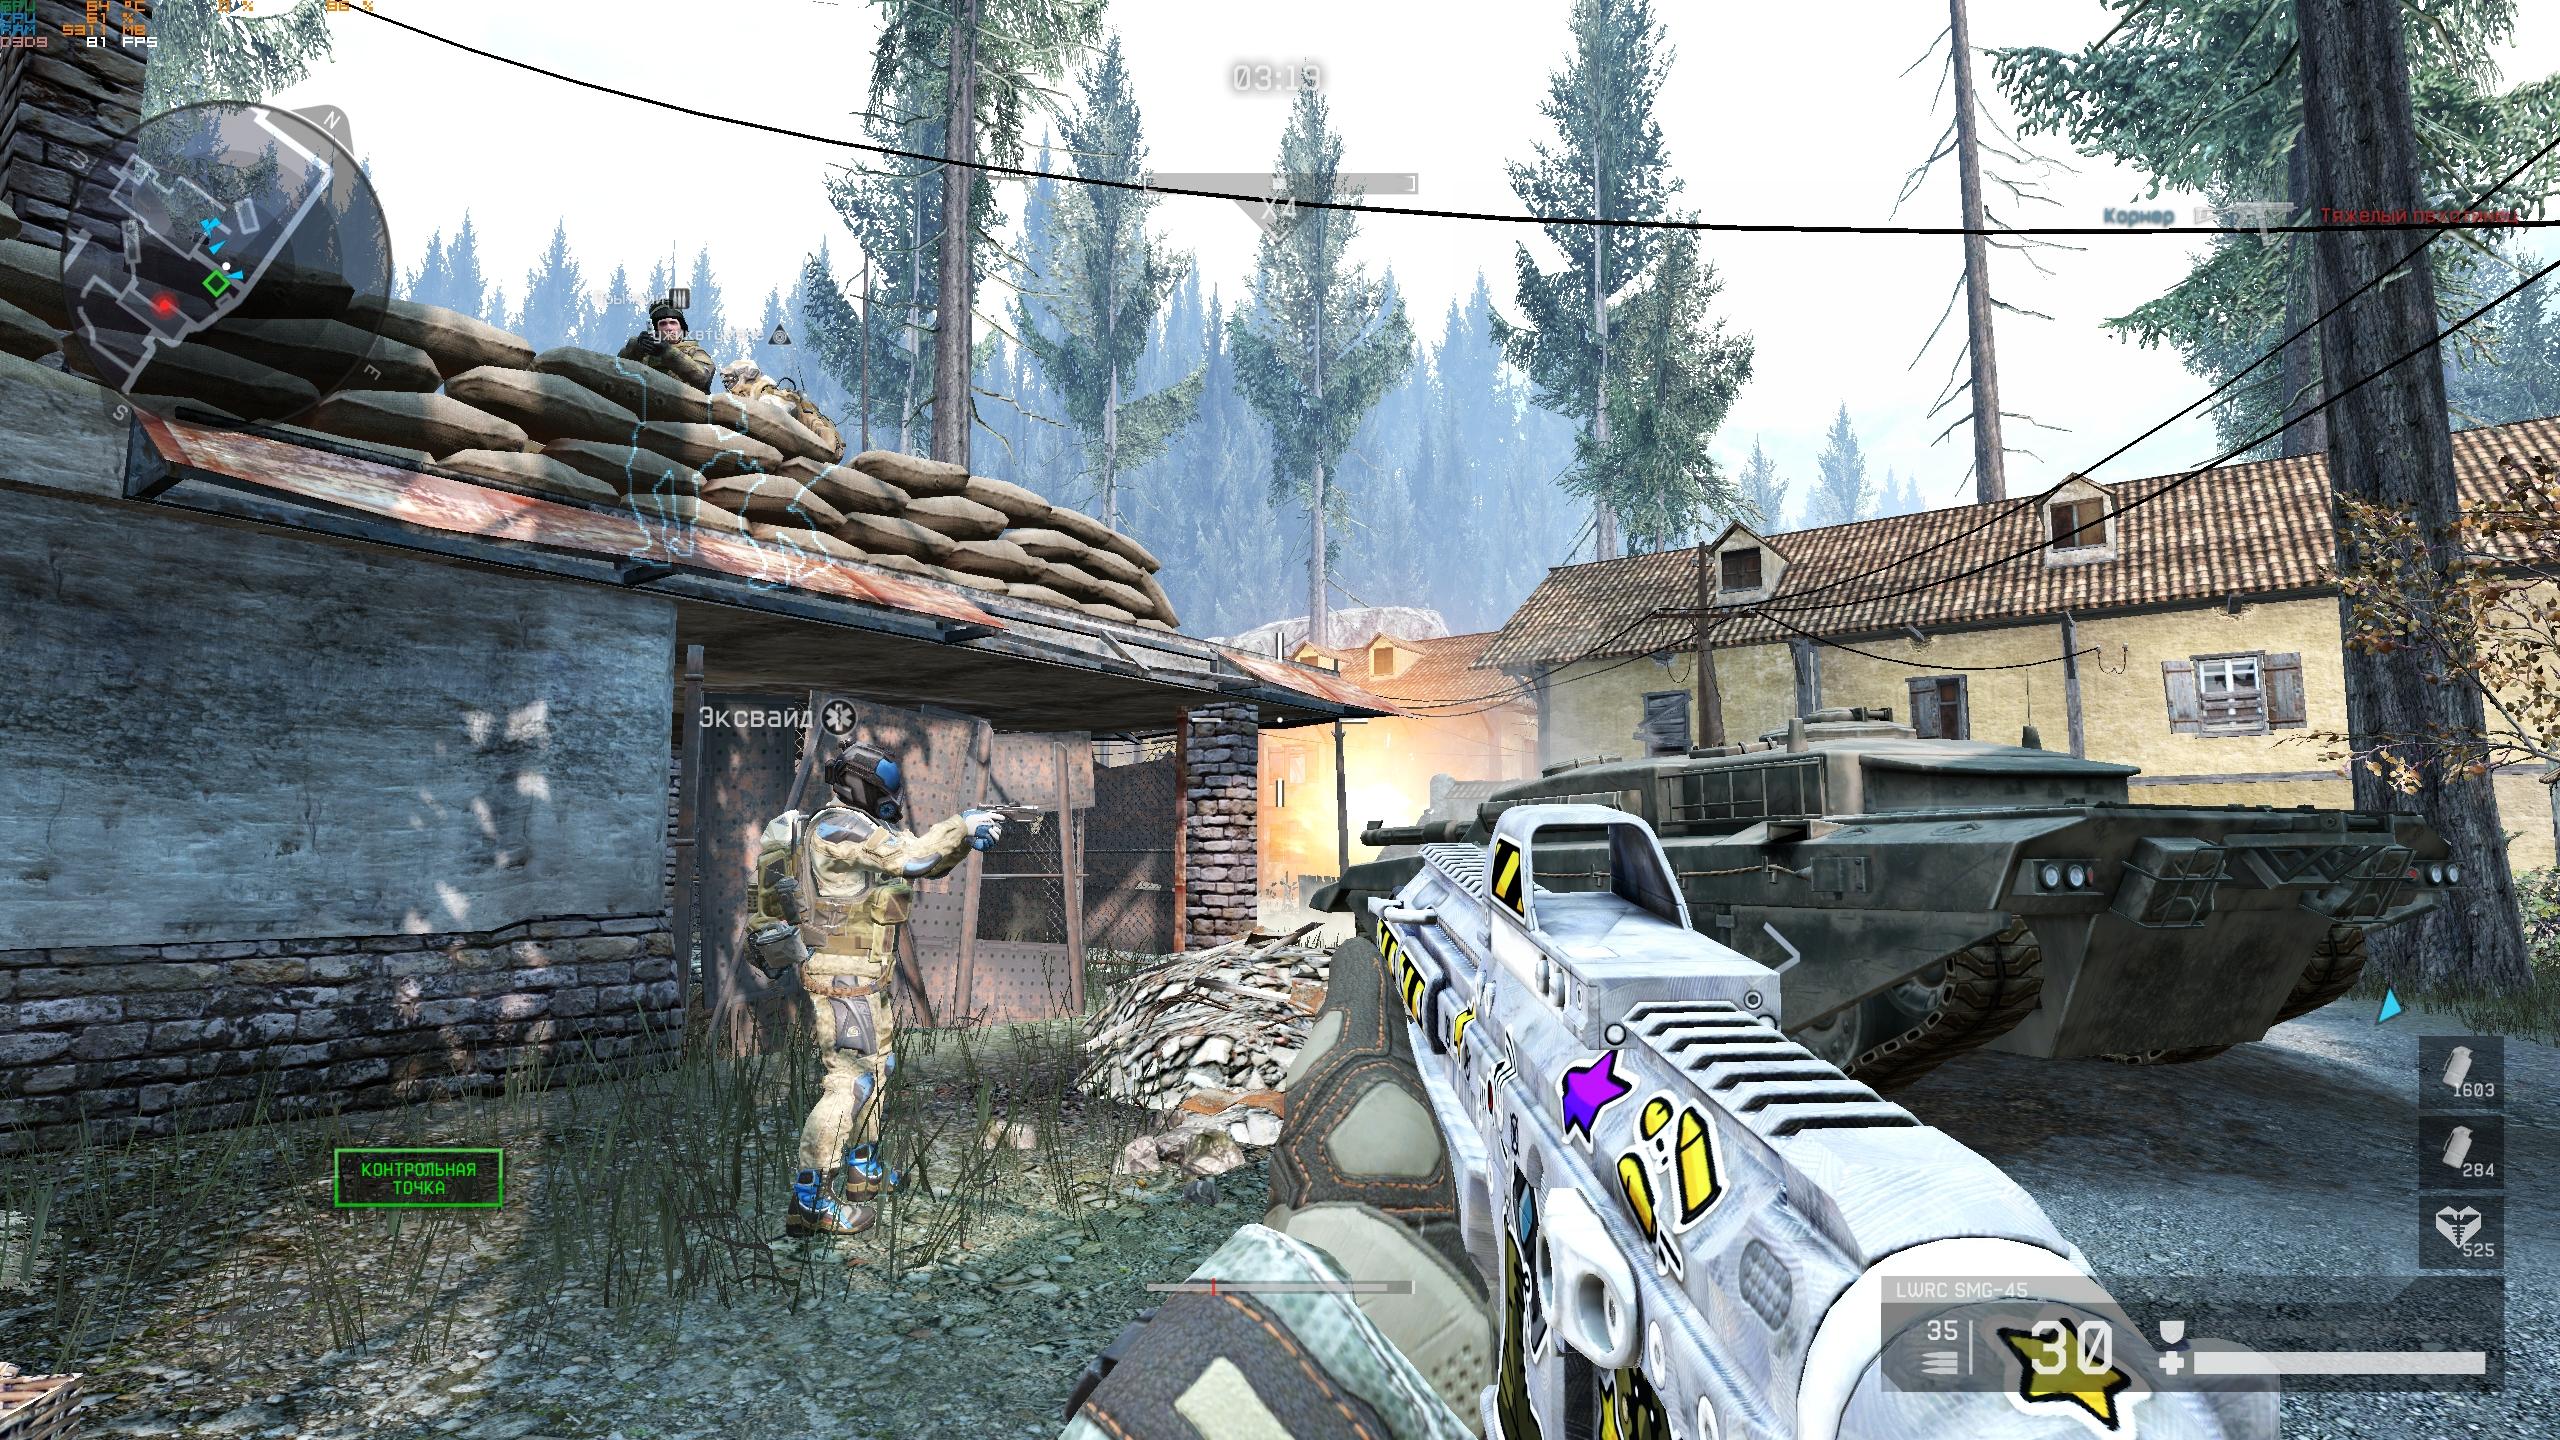 Game_2019_04_14_07_56_11_742.jpg - Warface